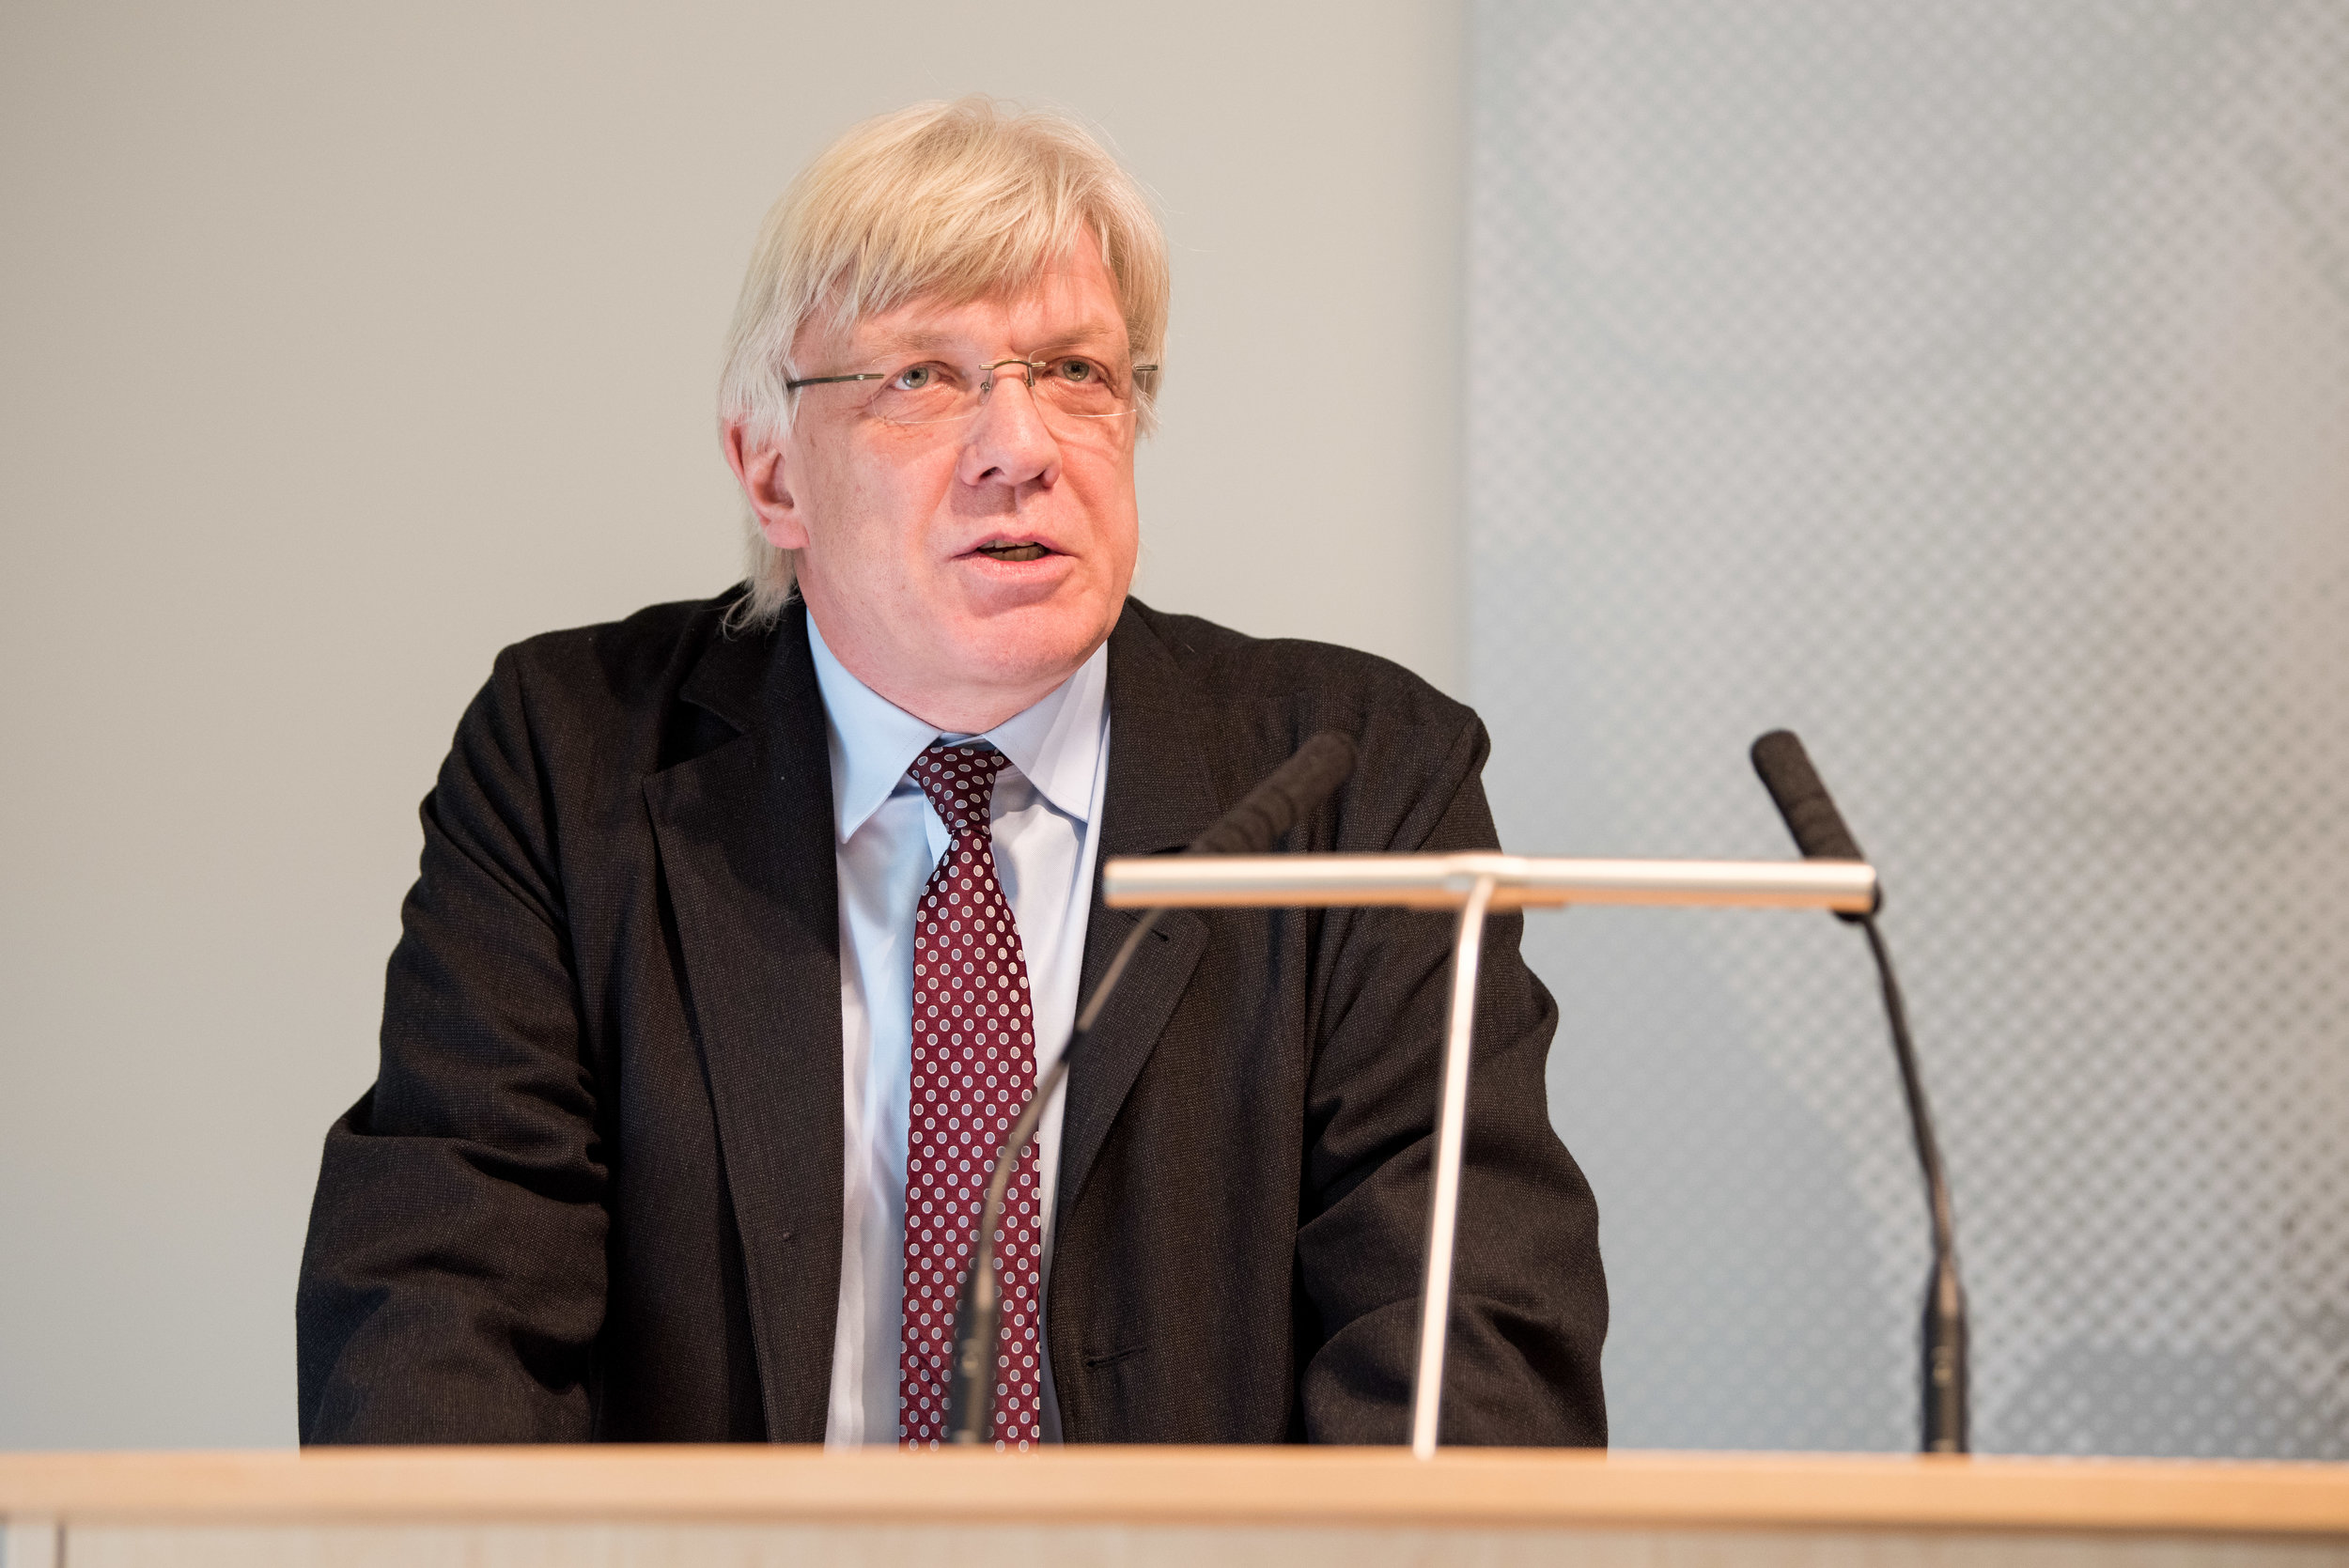 Dr. Helmut Nause, Präsident des LAG Hamburg und des Deutschen Arbeitsgerichtsverband e.V. richtet ein Grußwort an die Teilnehmer.